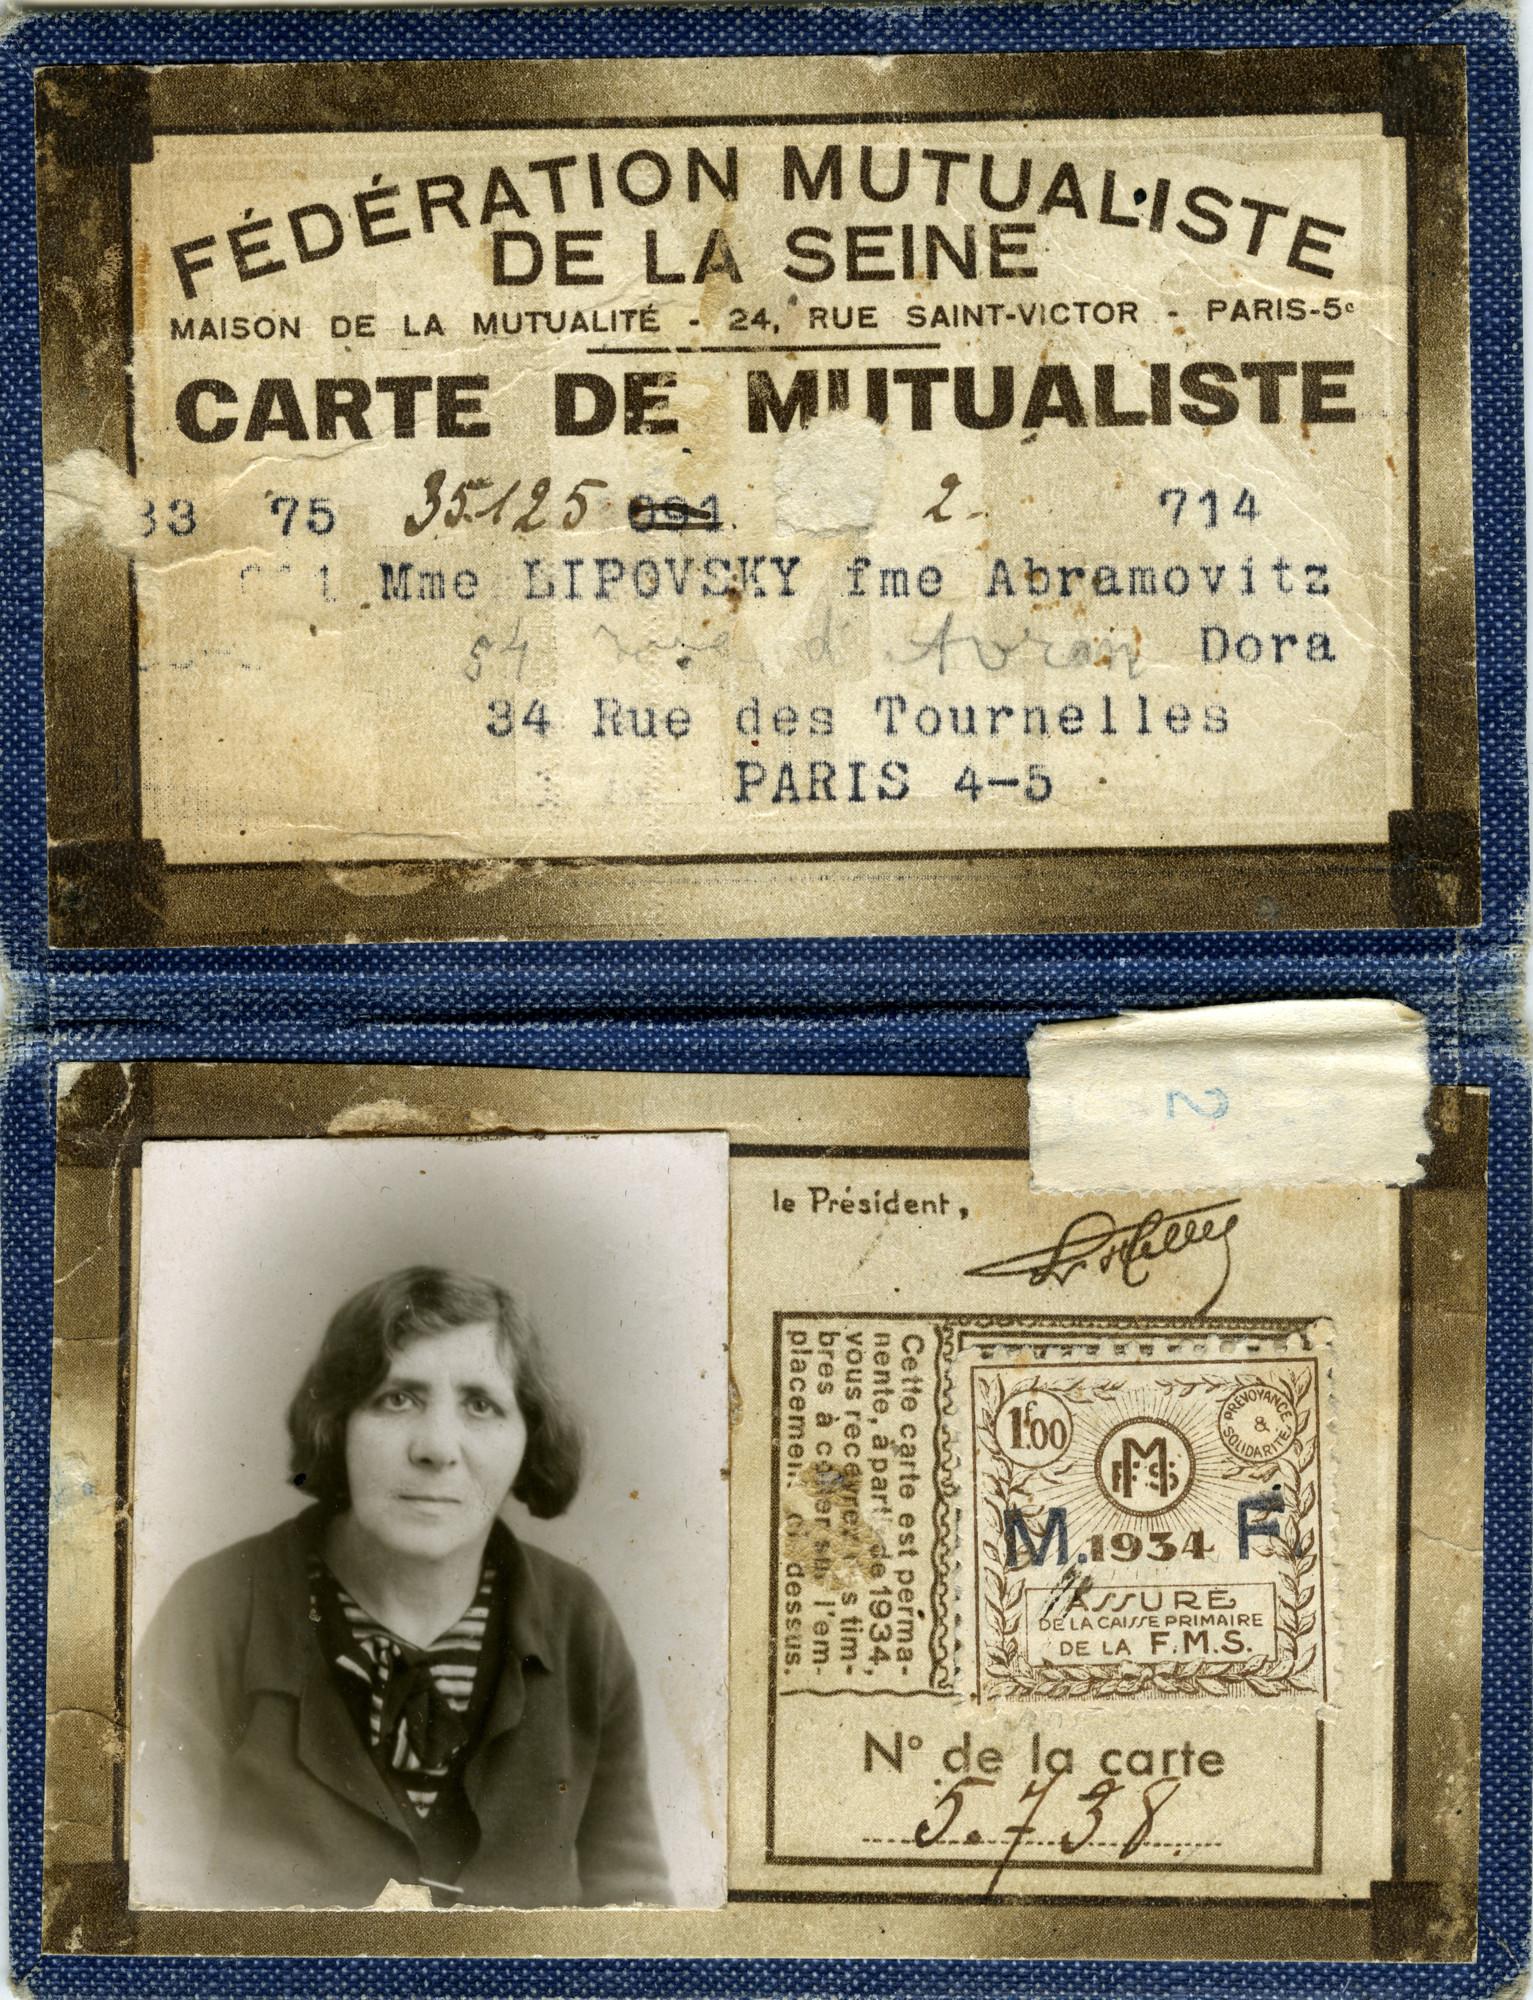 Dora Abramovitz' seamstress Carte de Mutualiste.